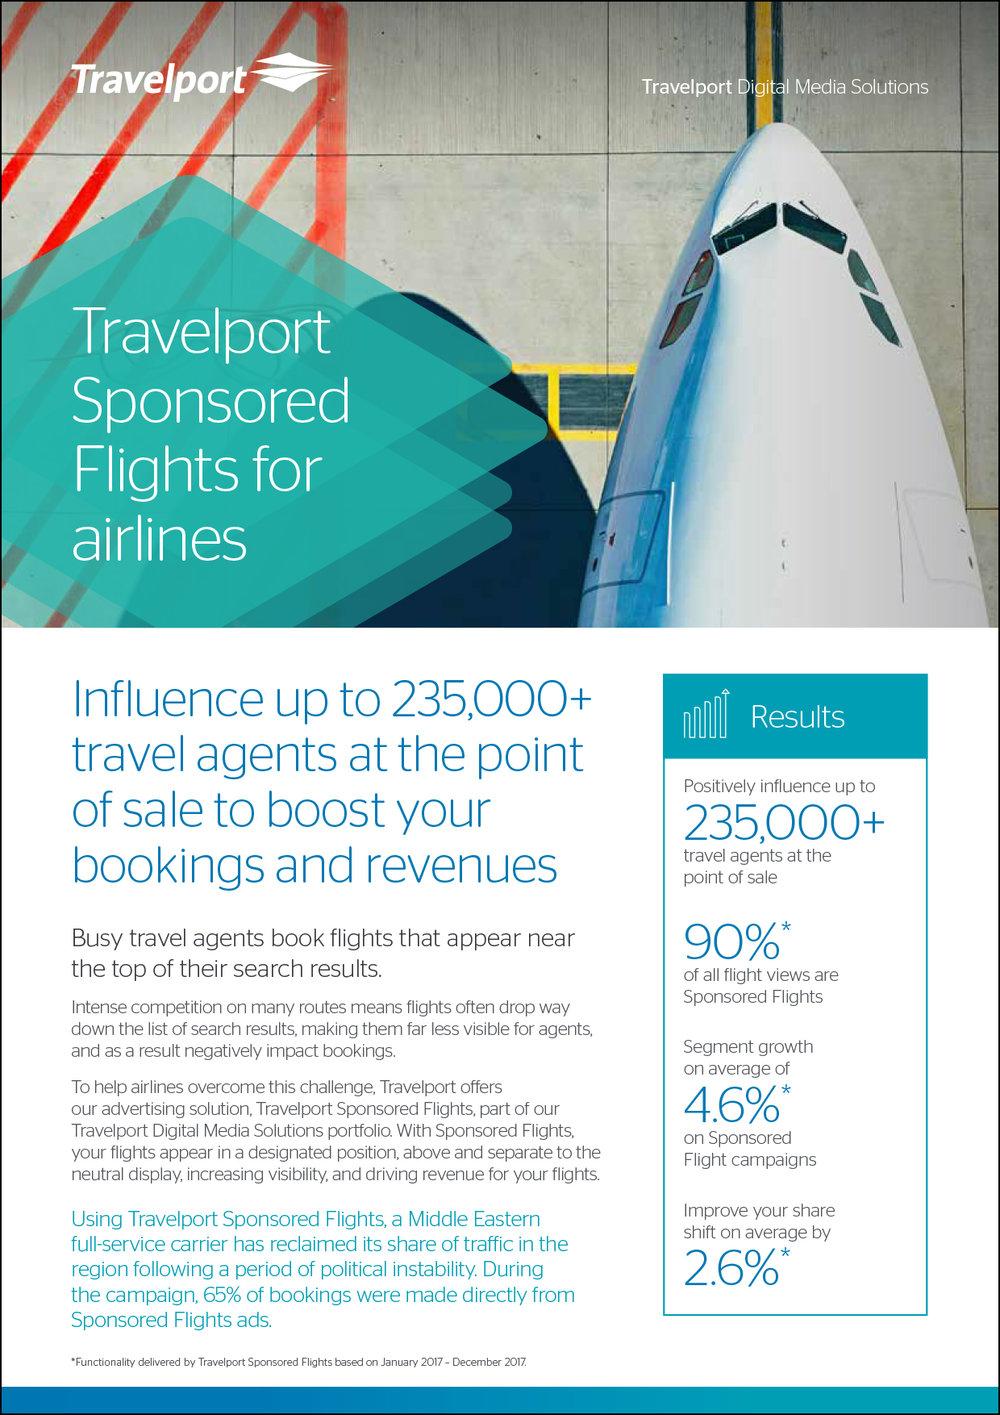 TP-15432-Sponsored-Flights-Overview-A4-v6-1.jpg